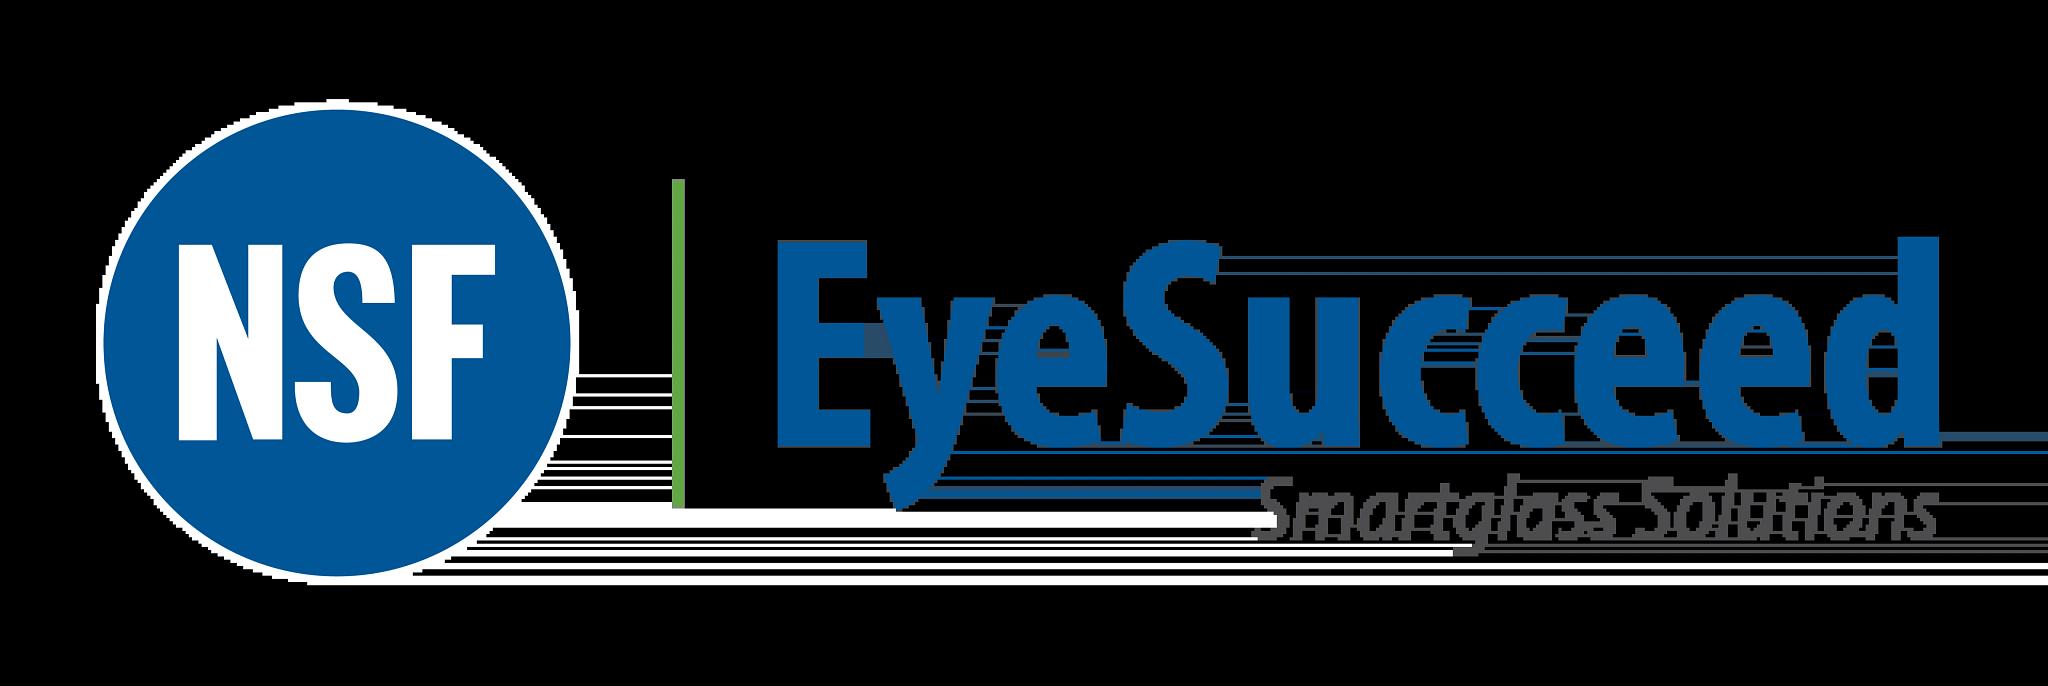 NSF EyeSucceed logo